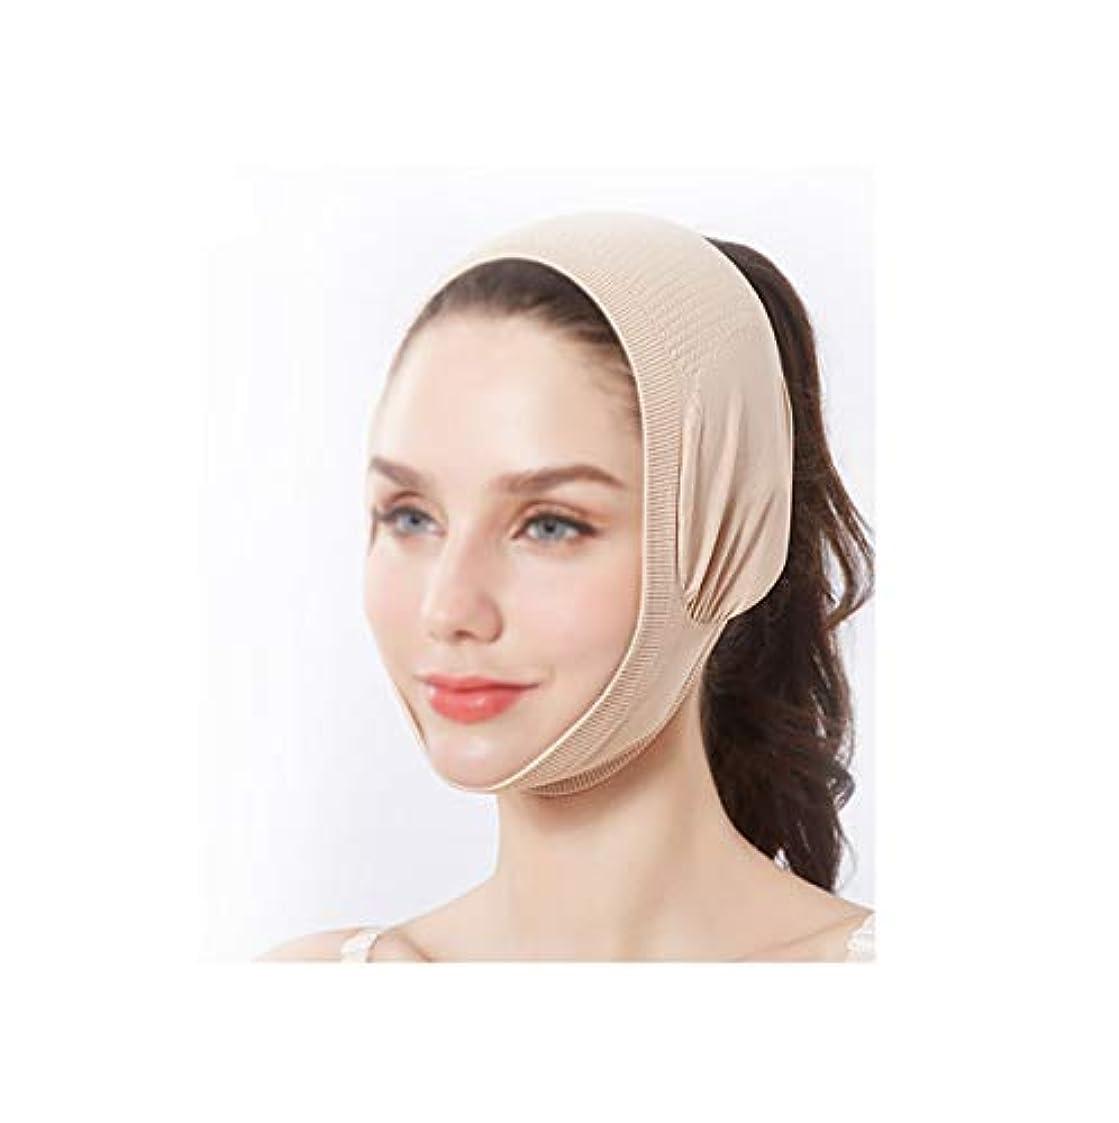 常習的累積サリーフェイスリフトマスク、フェイスマスクエクステンション強度フェイスレス包帯バンデーションフェイスラージVラインカービングフェイスバックカバーネックストラップ (Color : Skin tone)